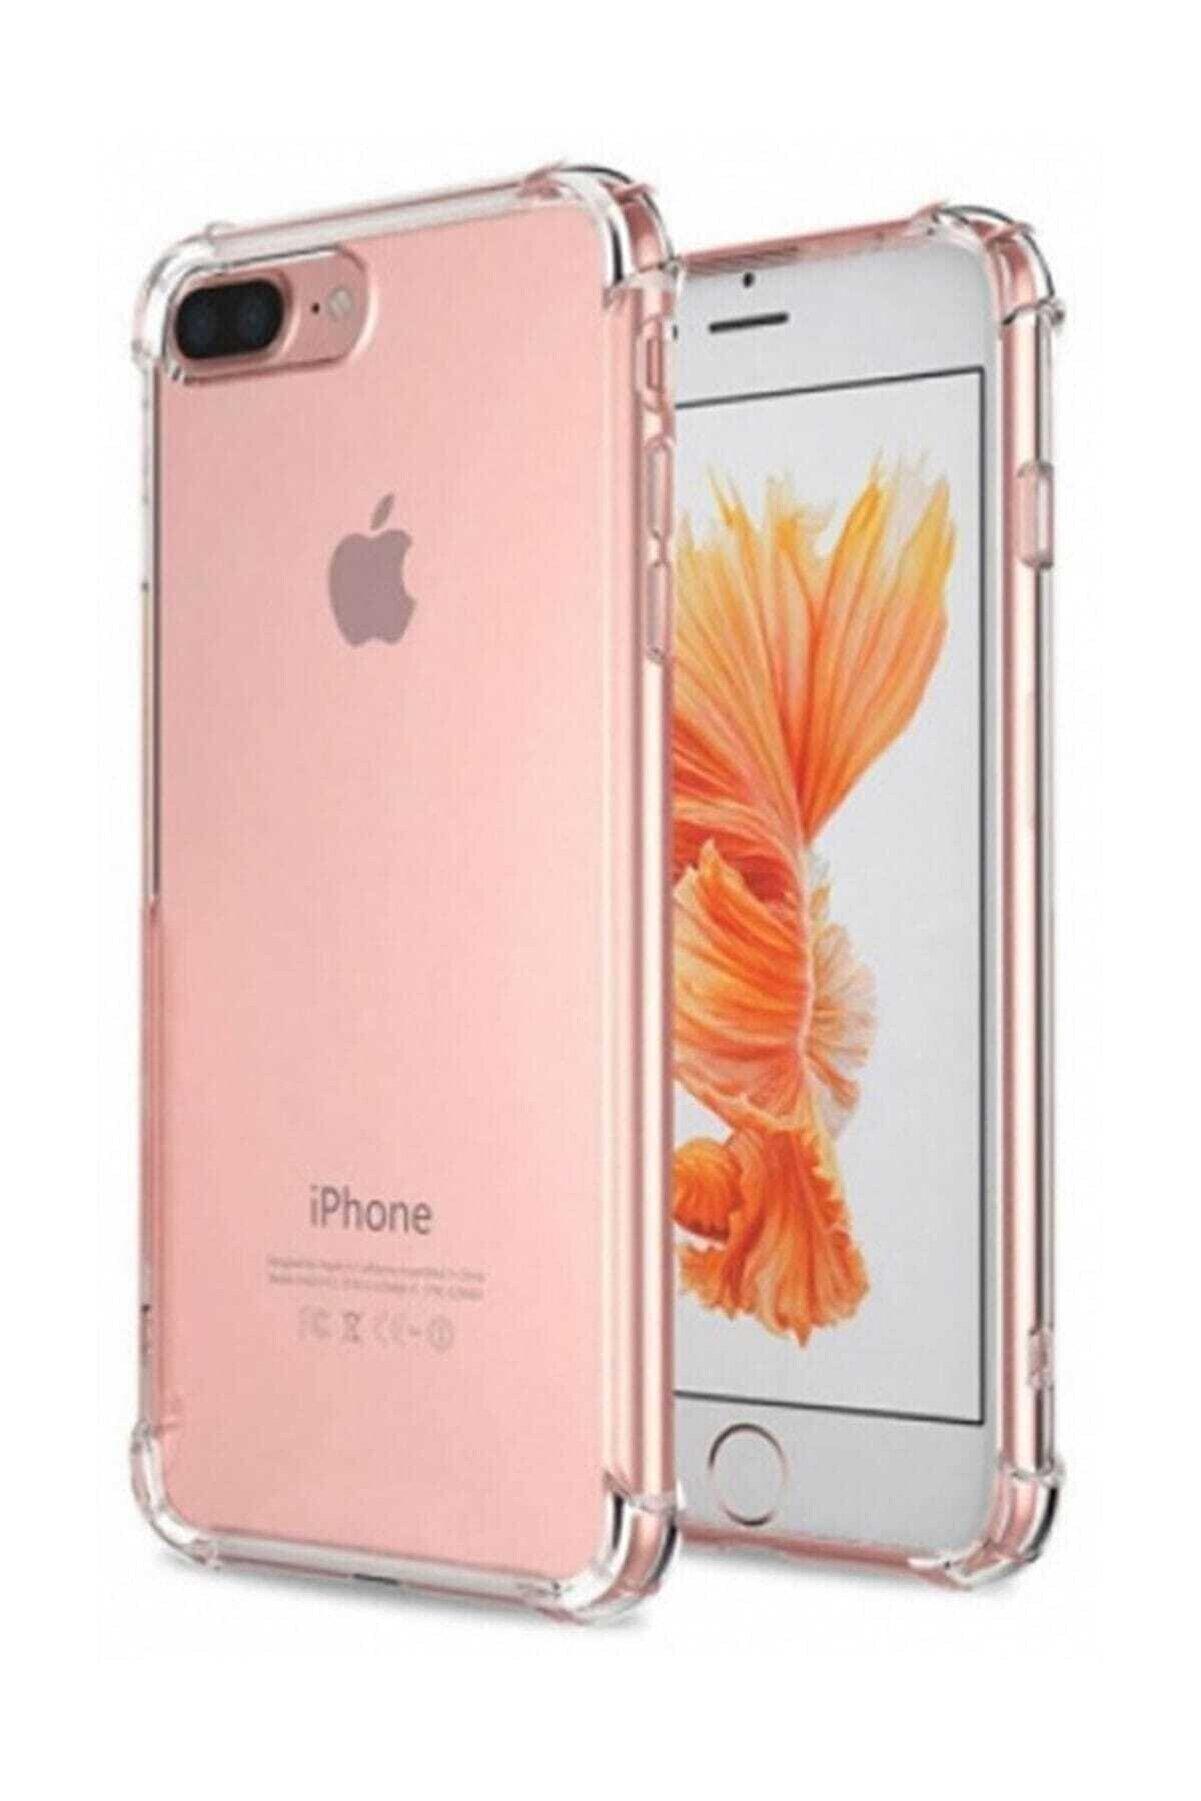 Telefon Aksesuarları Iphone 7 Plus - 8 Plus Ultra Ince Şeffaf Airbag Anti Şok Silikon Uyumlu Kılıf- Şeffaf